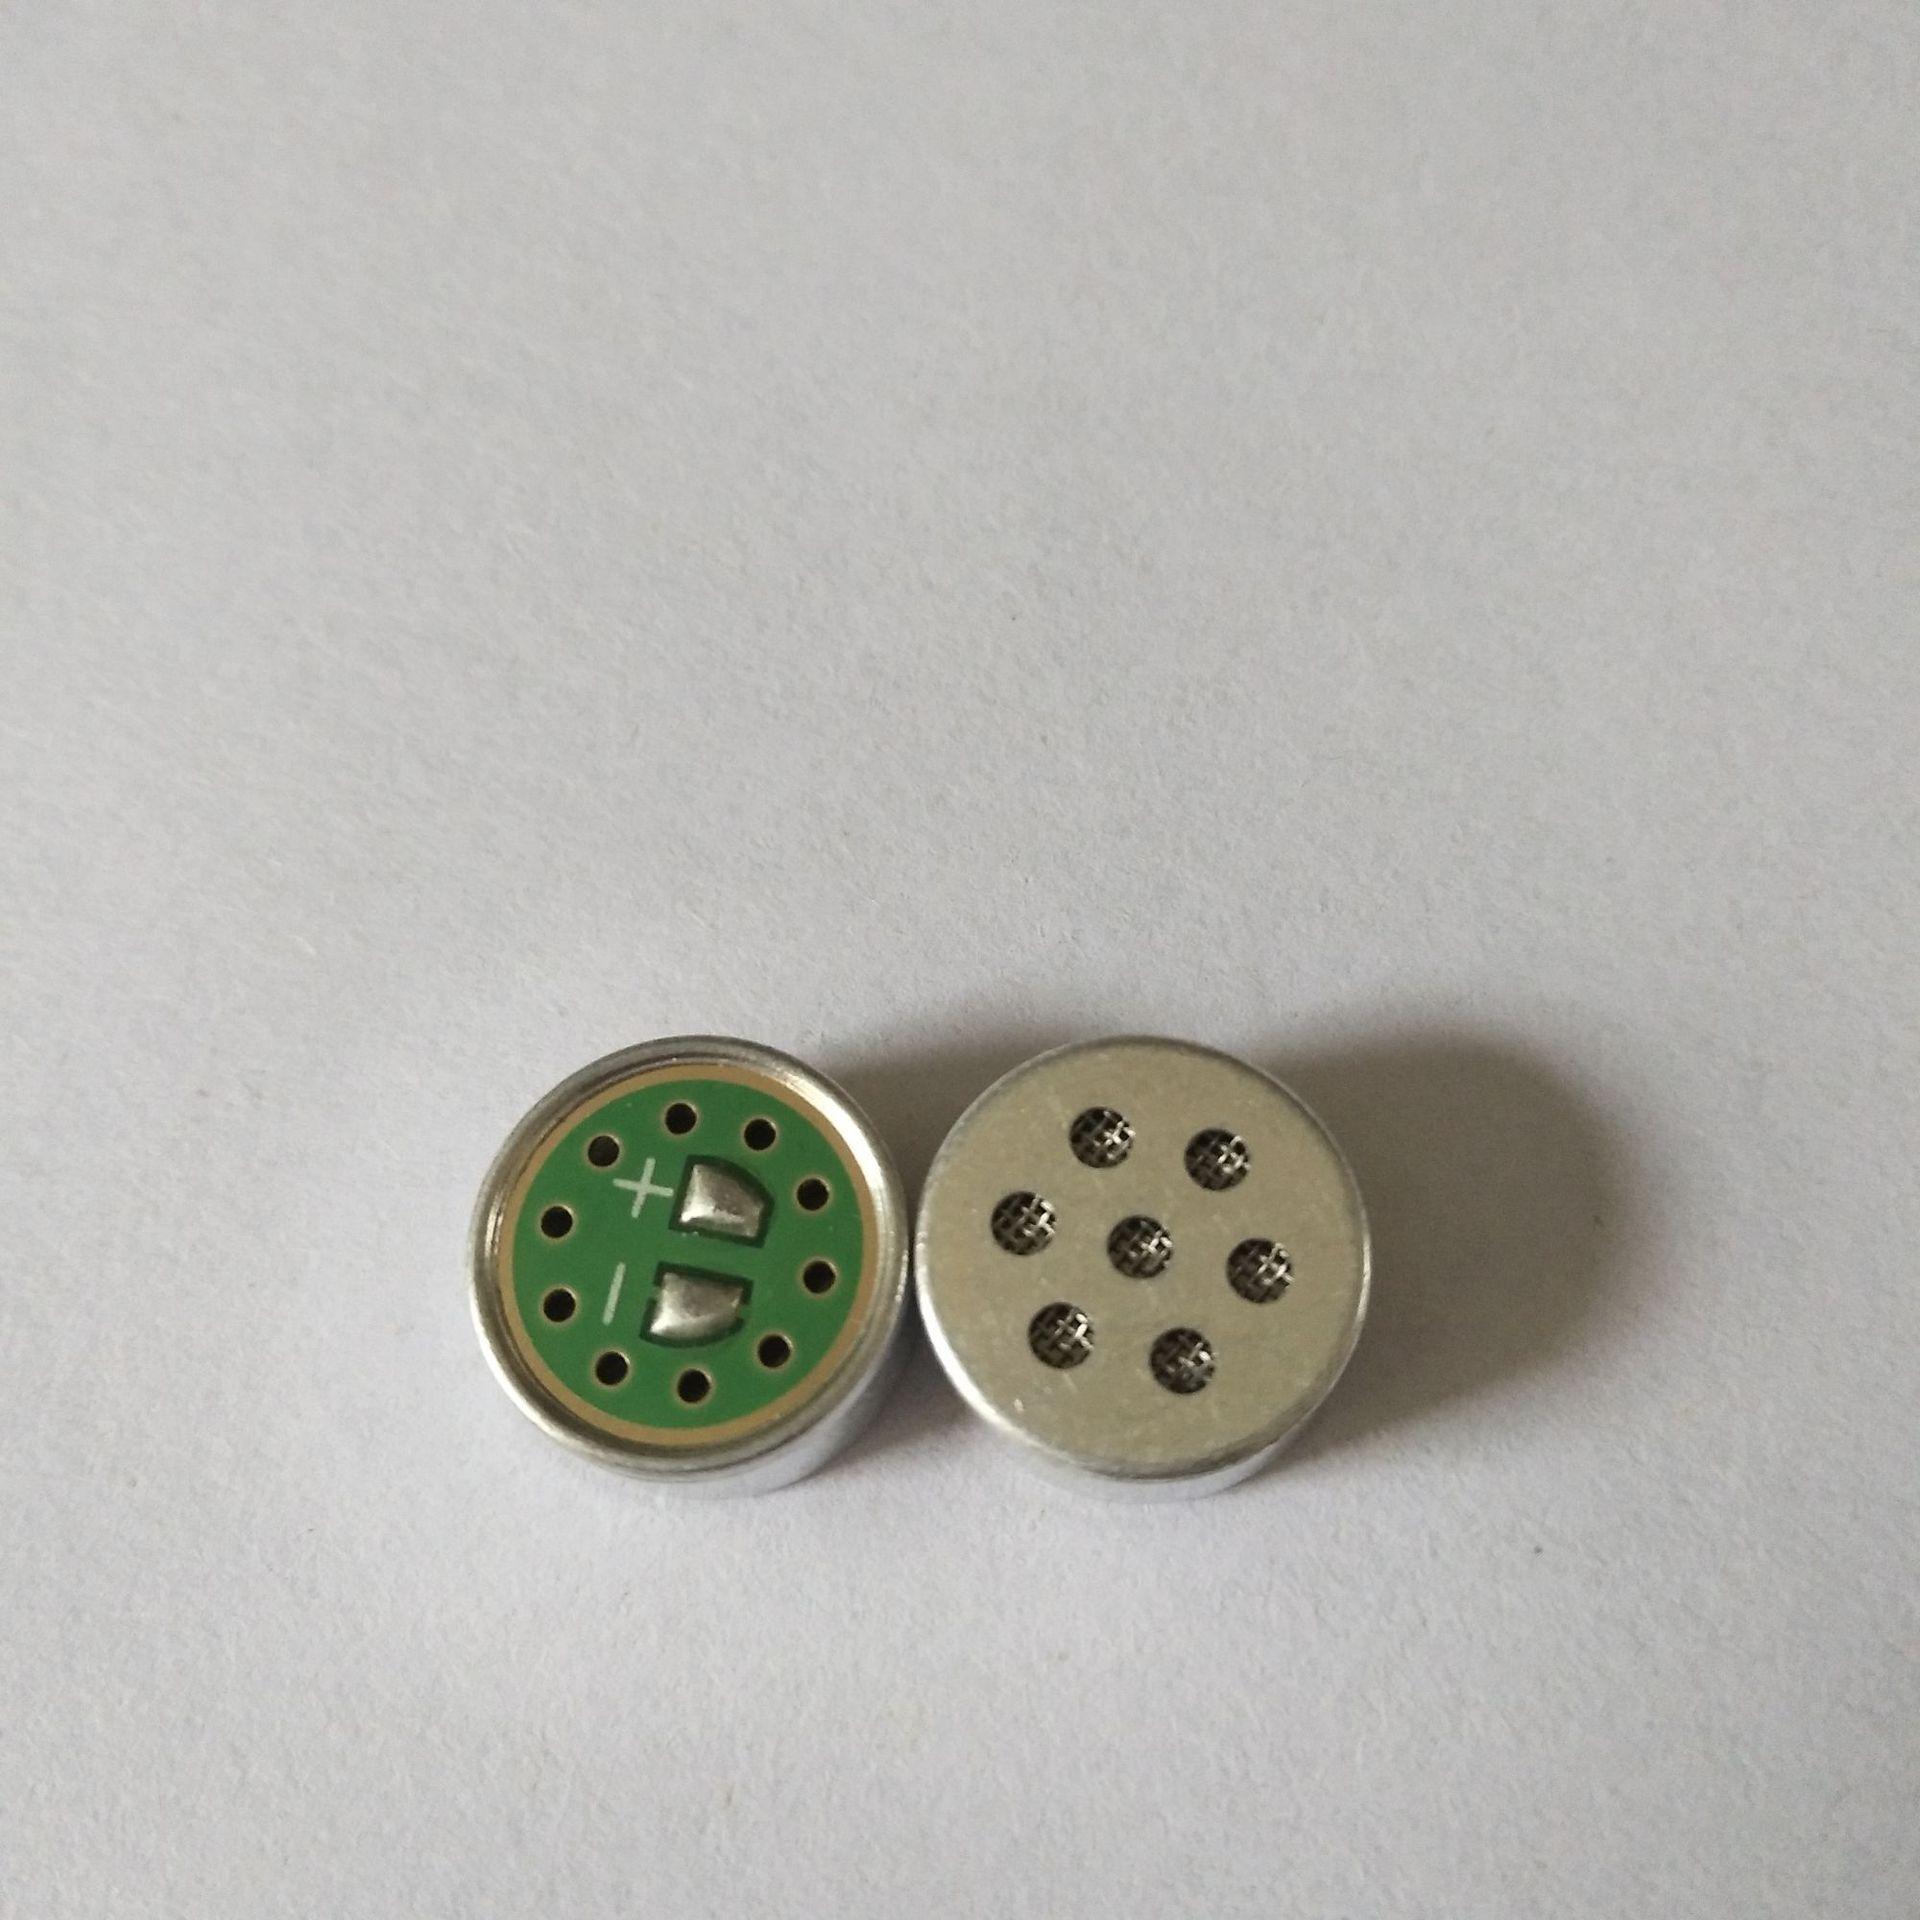 Cung cấp microphone Electroacoustic thiết bị điểm duy nhất MT-UB1465L-402-3 sống microphone chuyên d